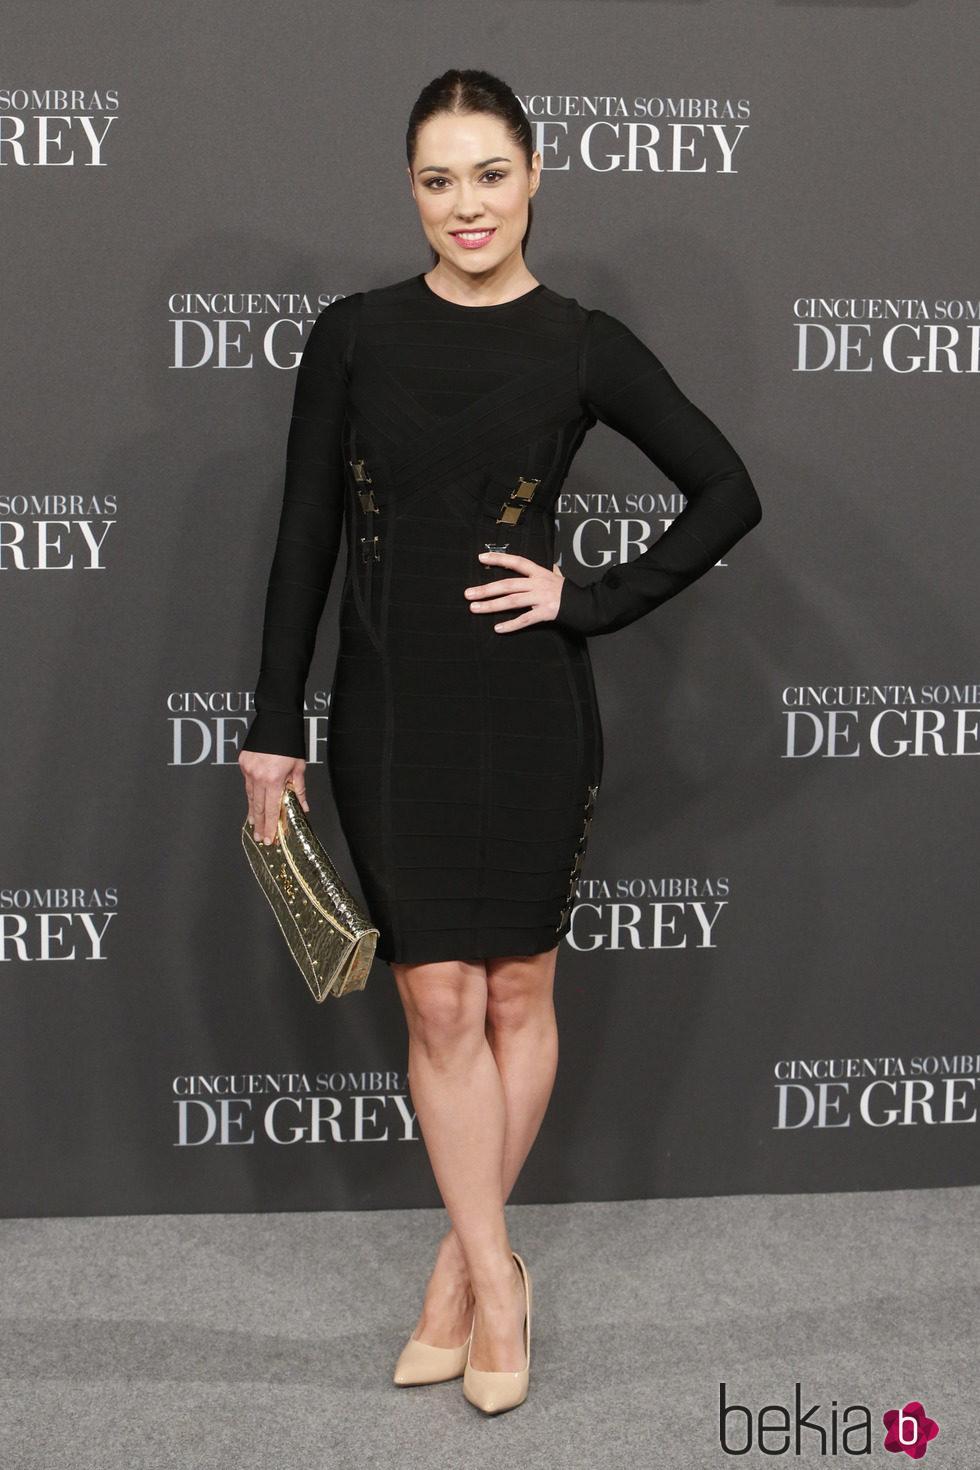 Eva Marciel en el estreno de 'Cincuenta sombras de Grey' en Madrid